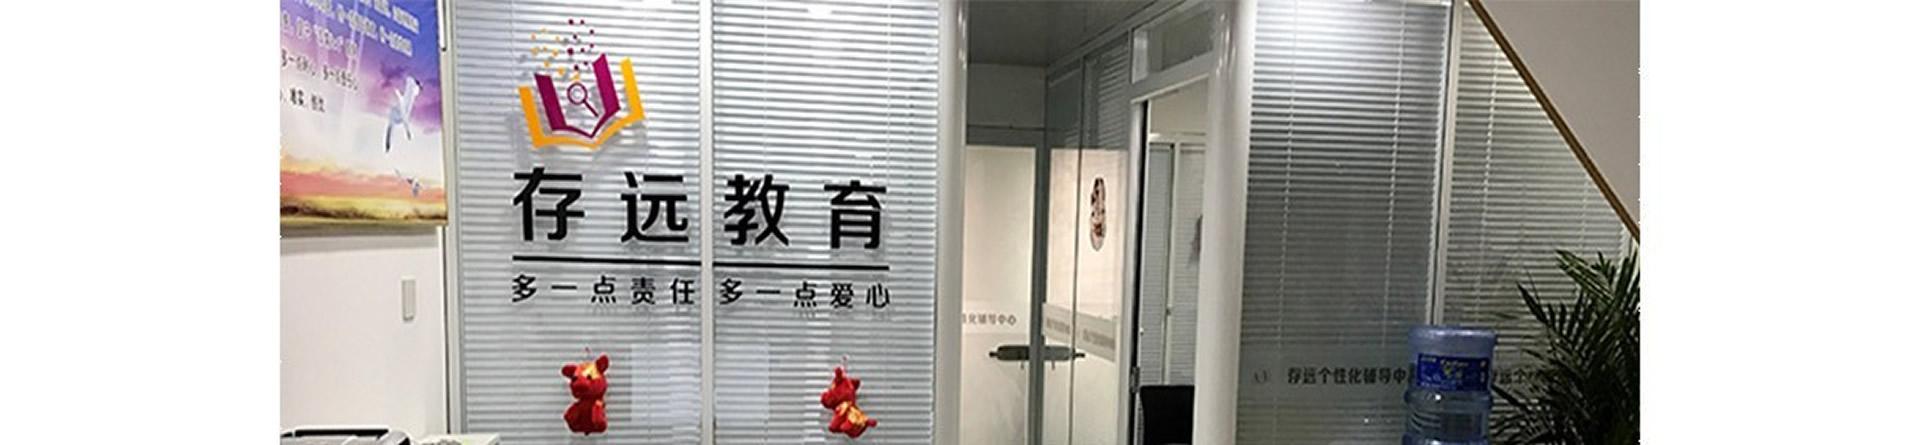 郑州存远教育